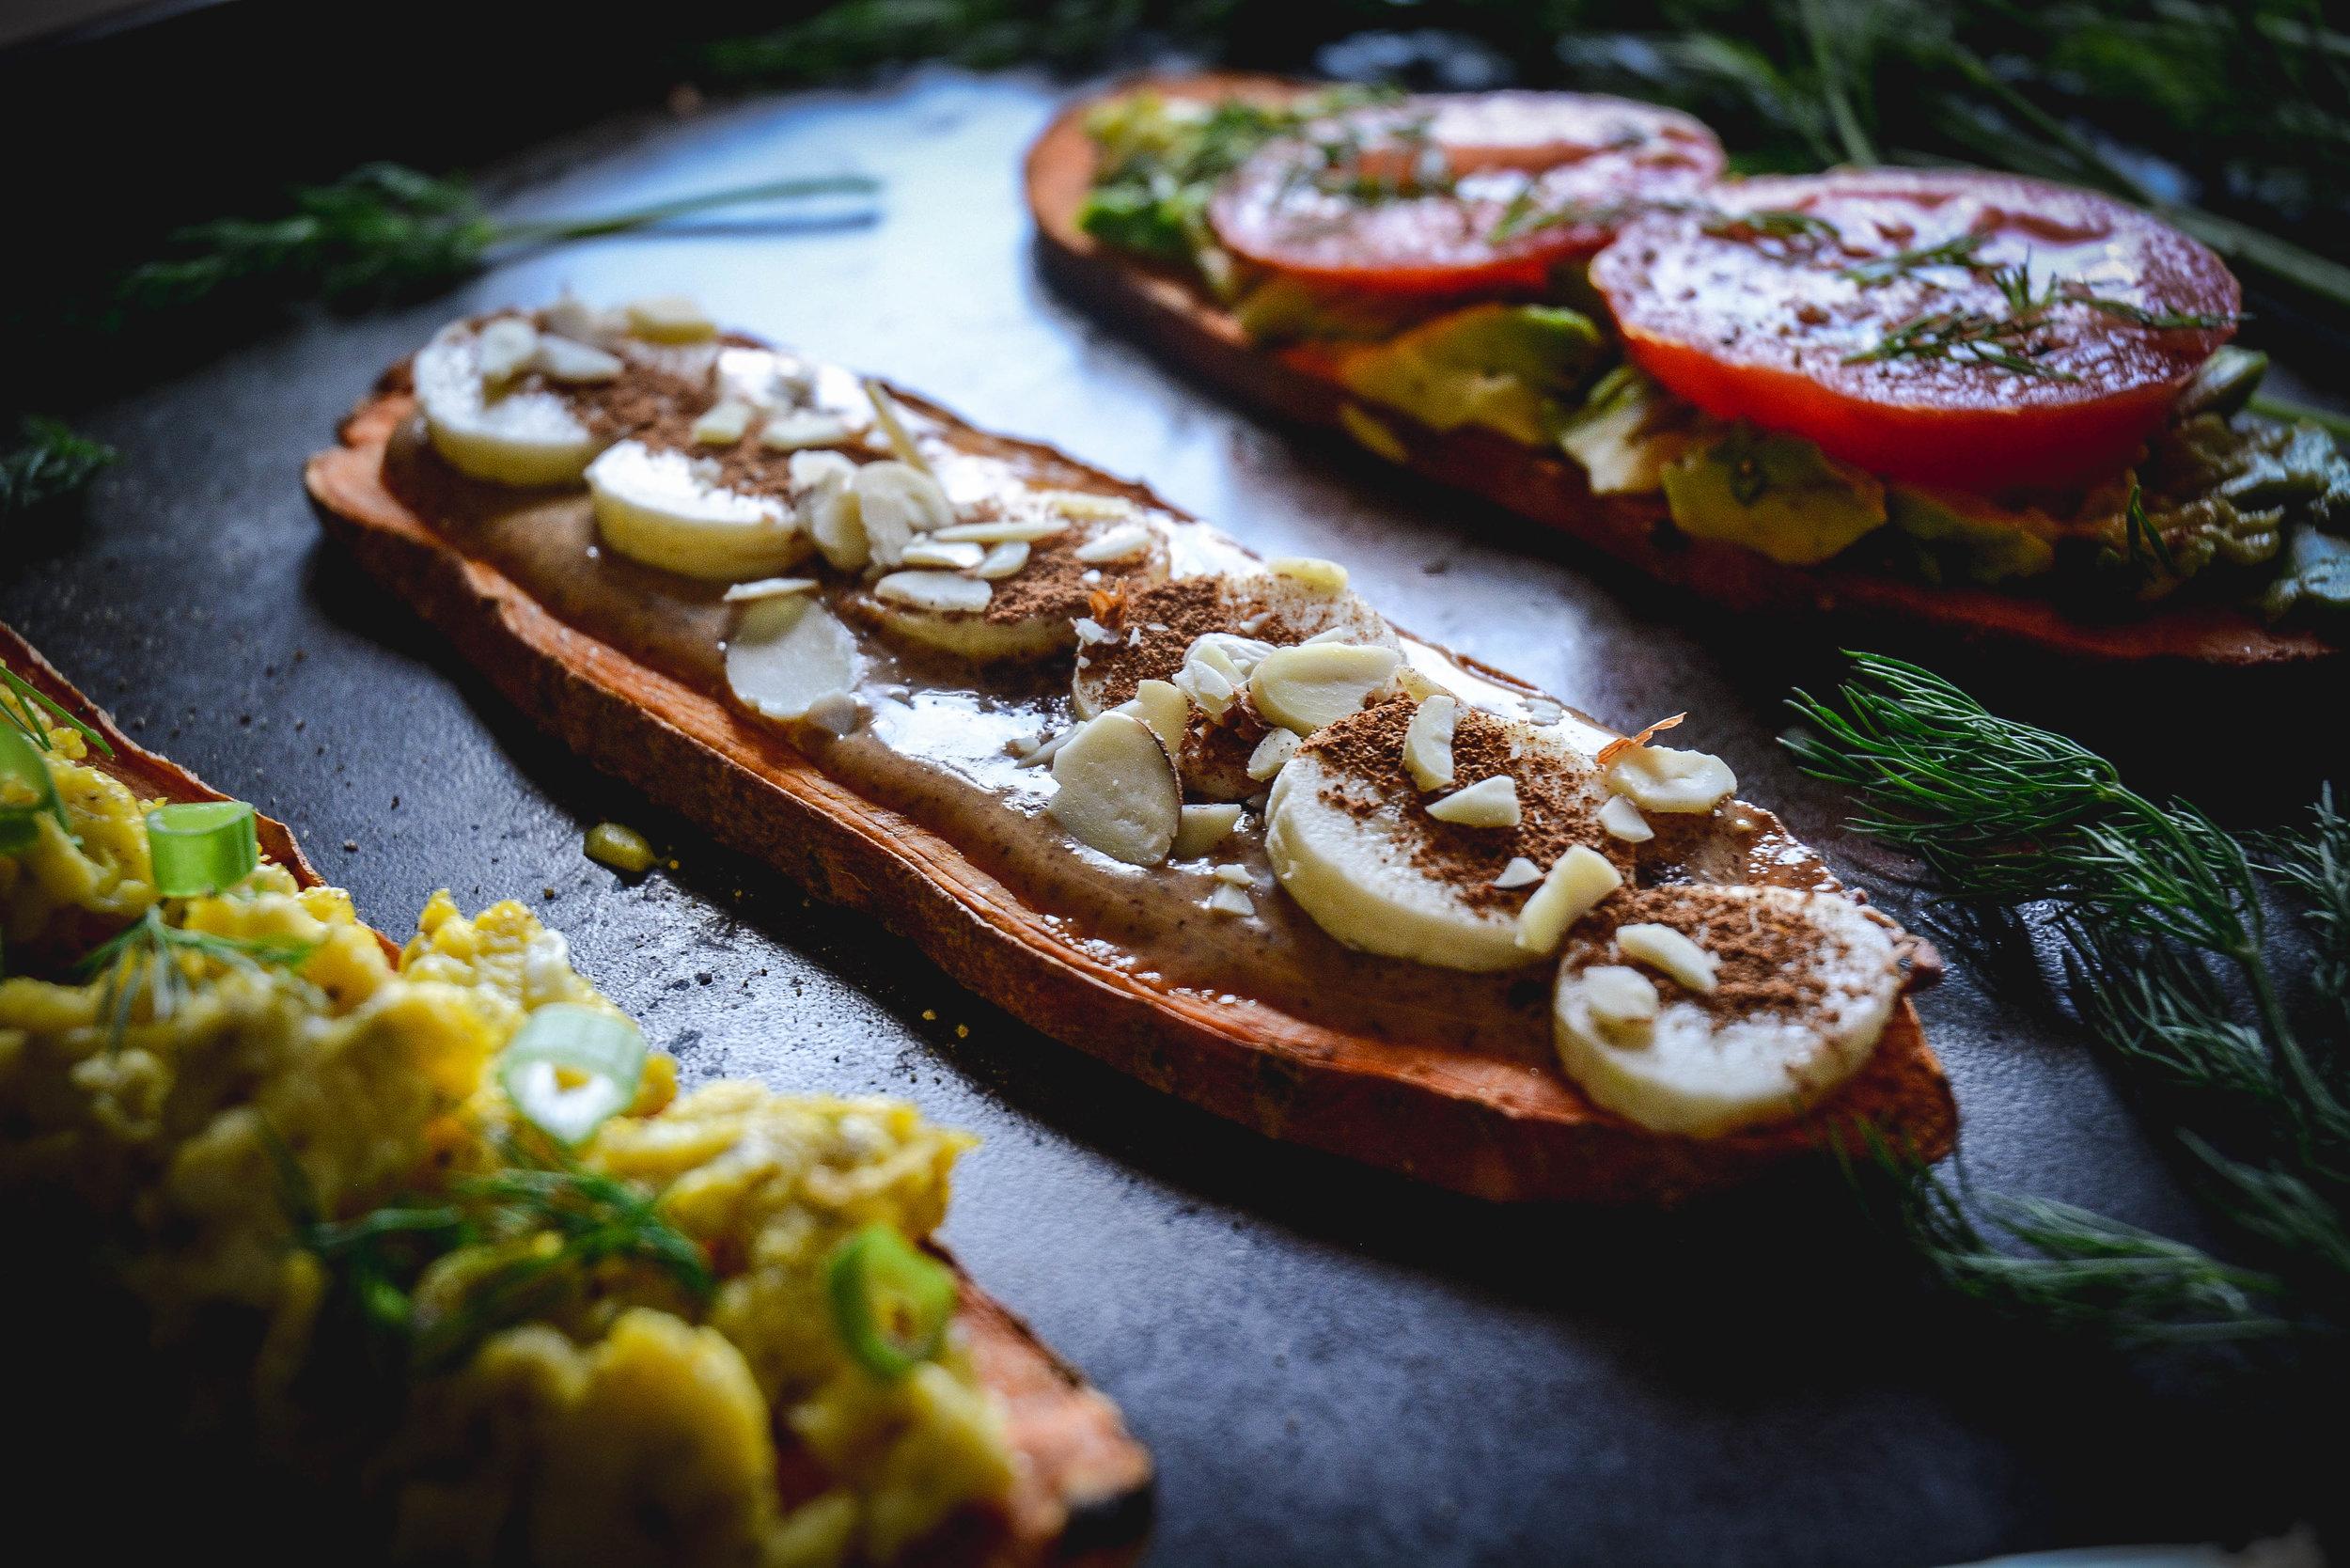 sweet potato toast, almond butter, banans, almonds and cinnamon, sweet potato toast with egg, sweet potato toast with avocado and tomatoes